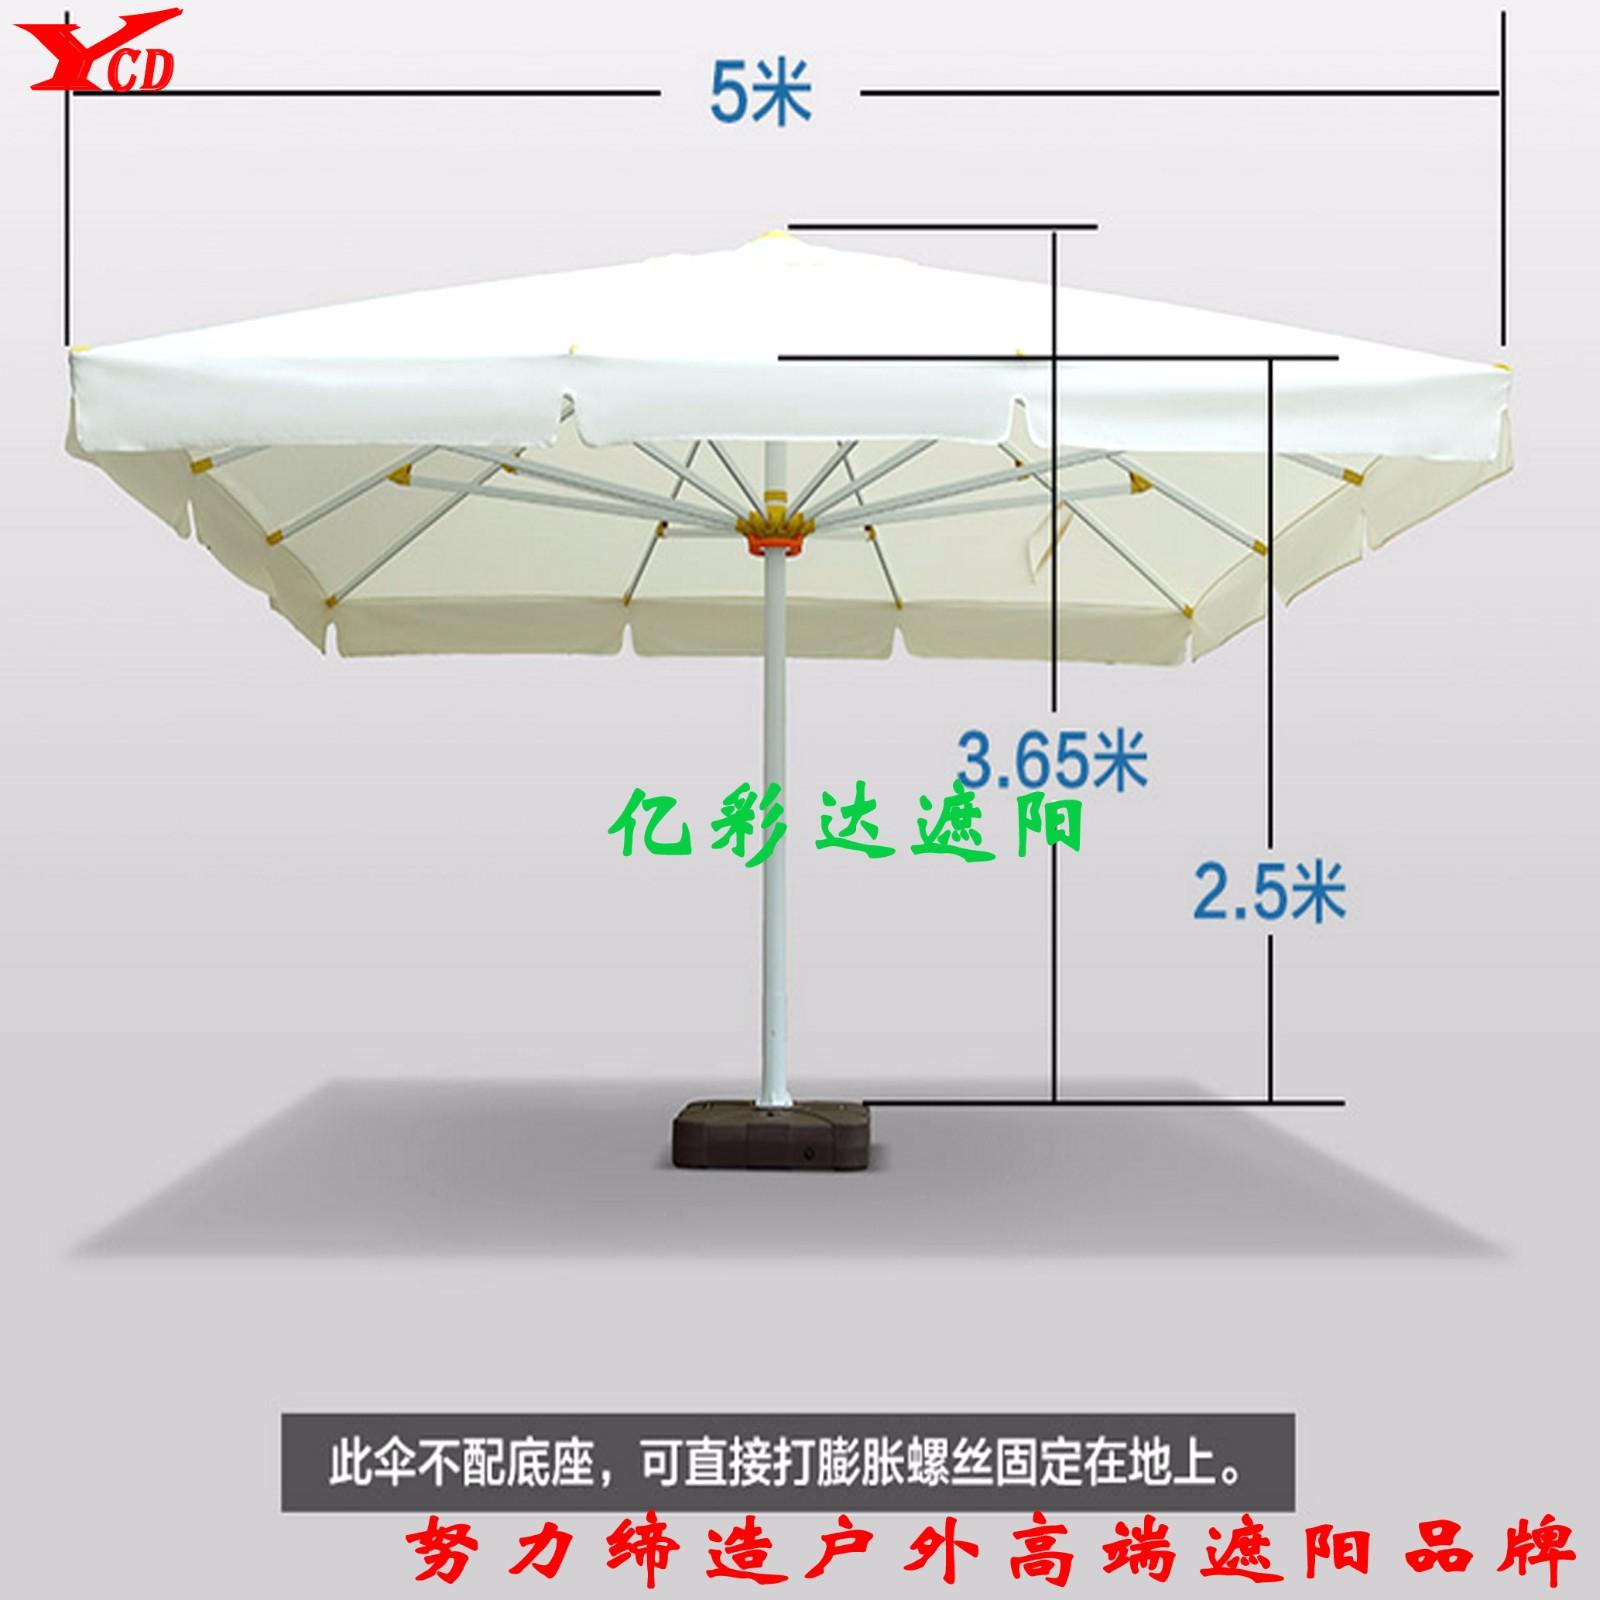 5米方形铝合金中柱大伞 遮阳伞-山东亿彩达遮阳节能科技有限公司